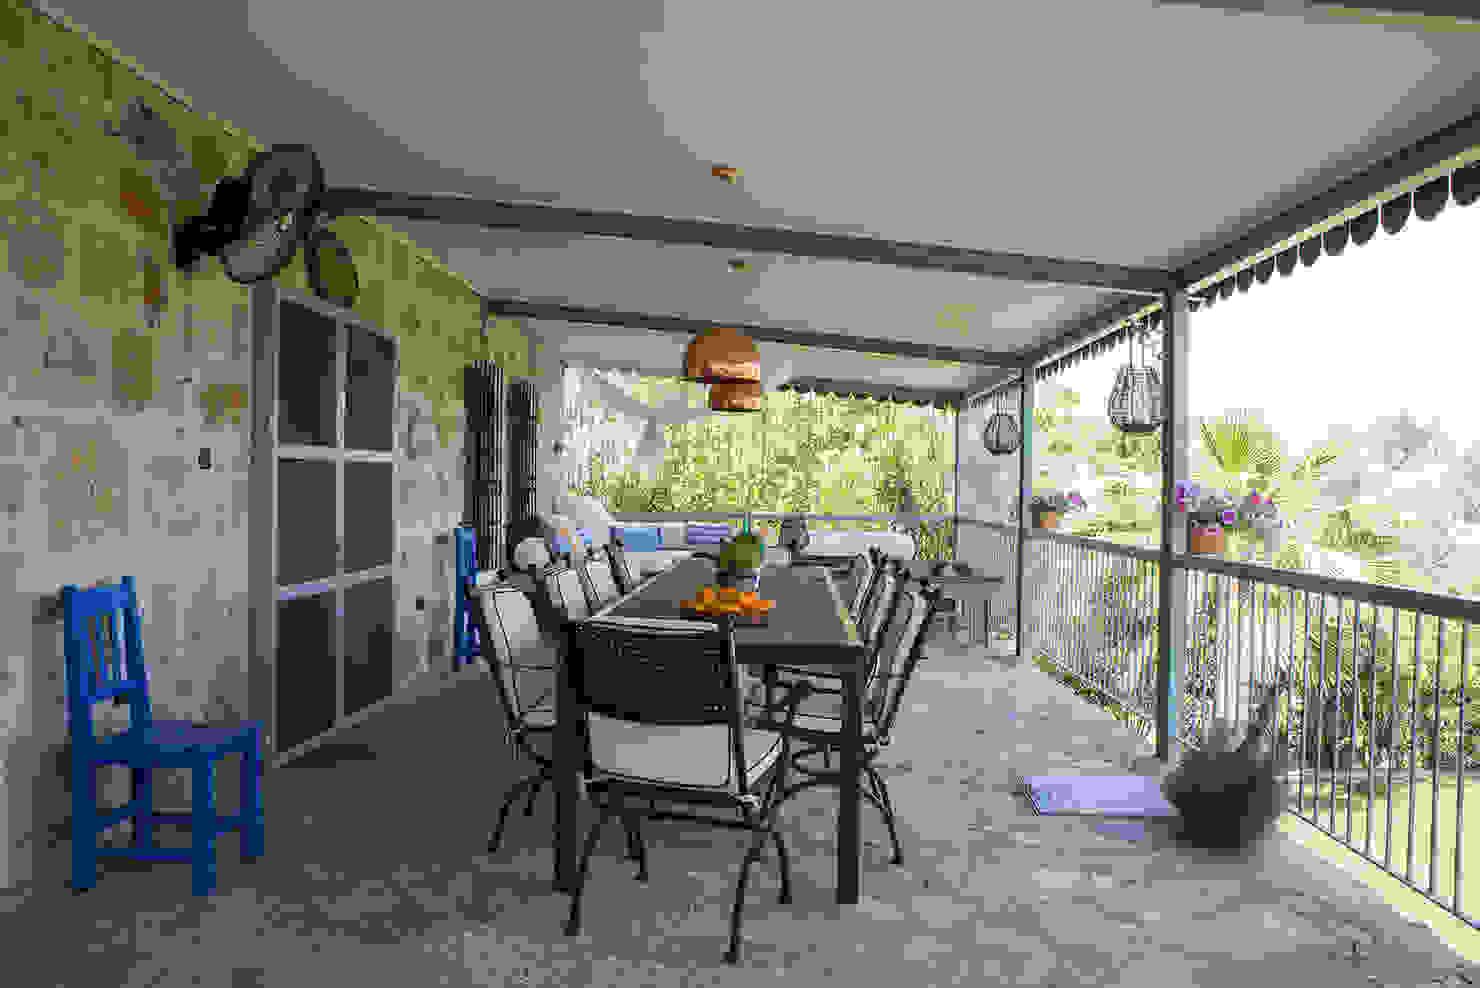 Yaz geçmeden balkonunuzu yeniden düzenleyin: Türk evlerinden 10 örnek fotoğraf!